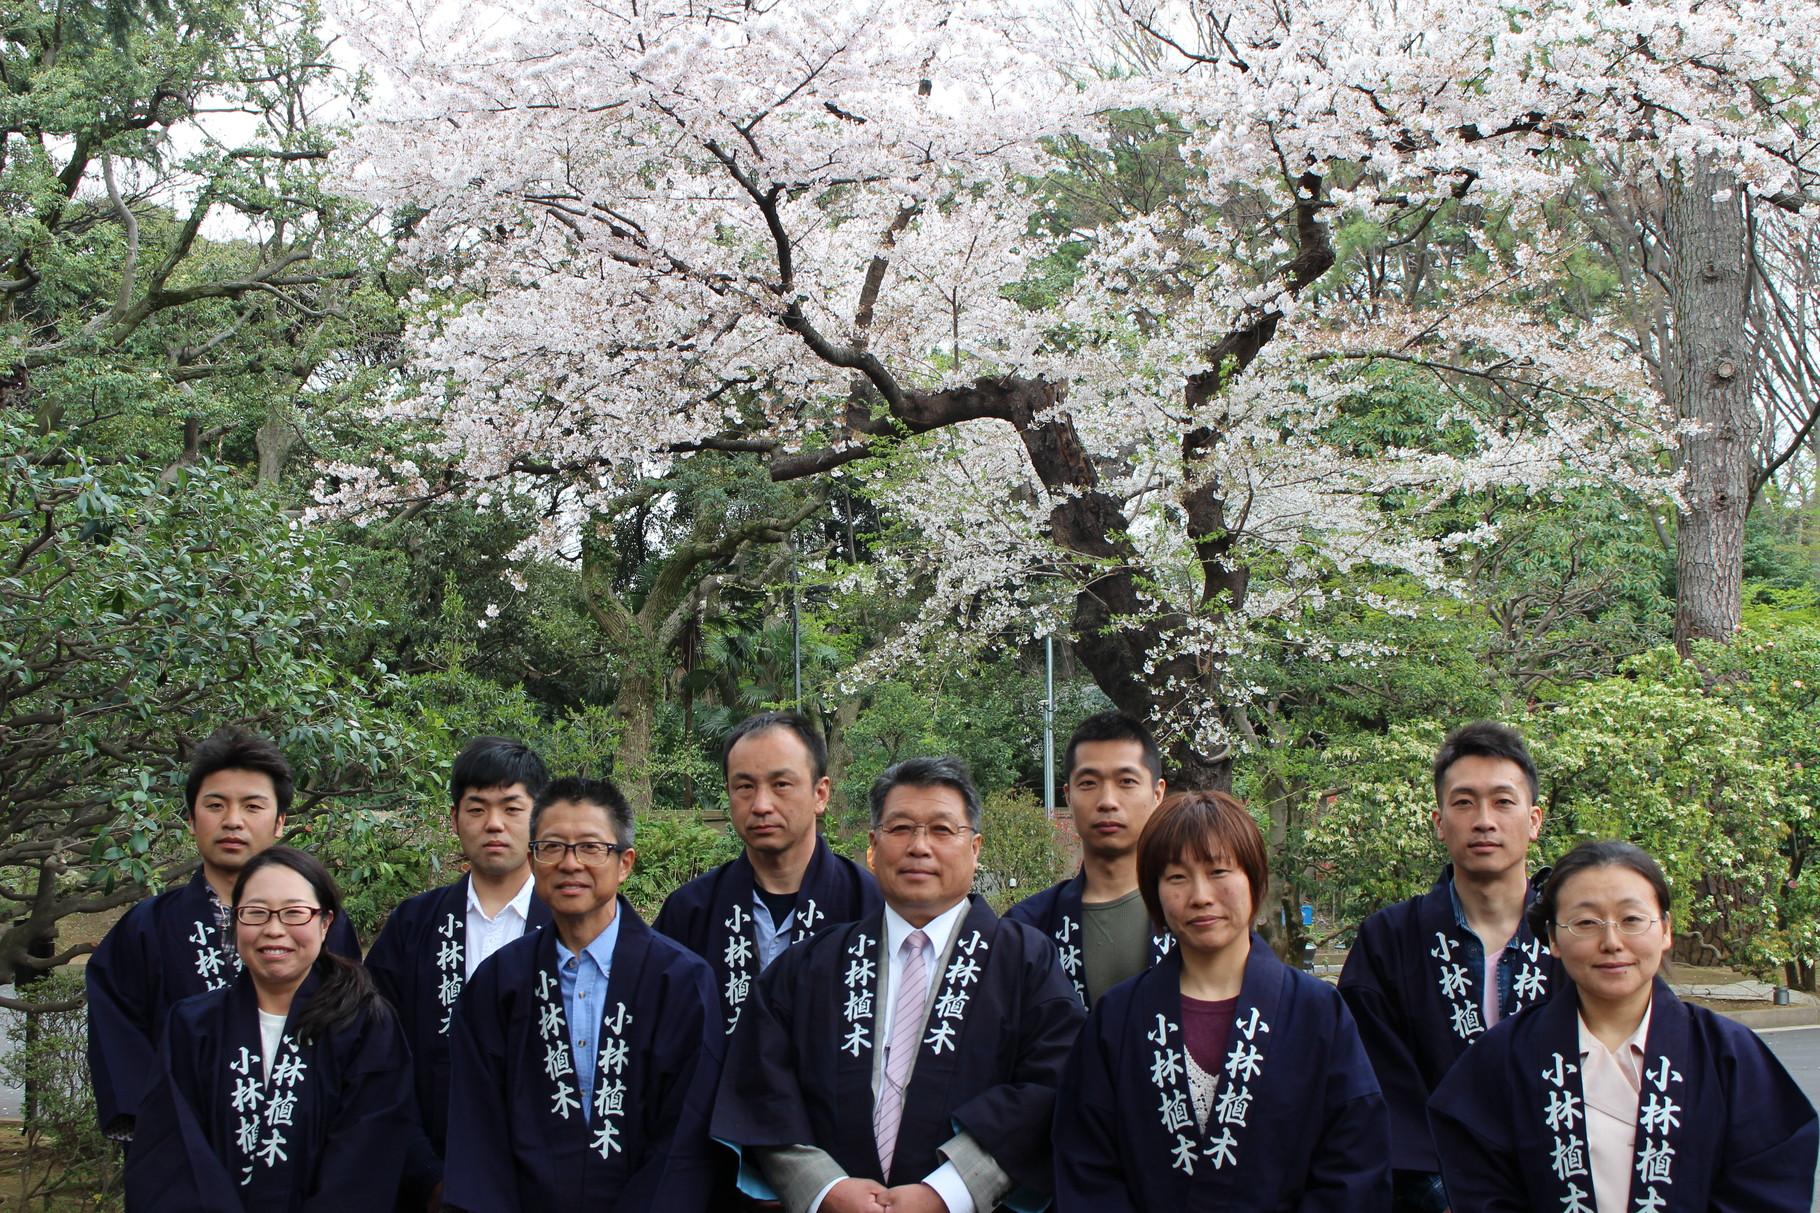 目黒区の東京庭園美術館の園庭にて記念撮影